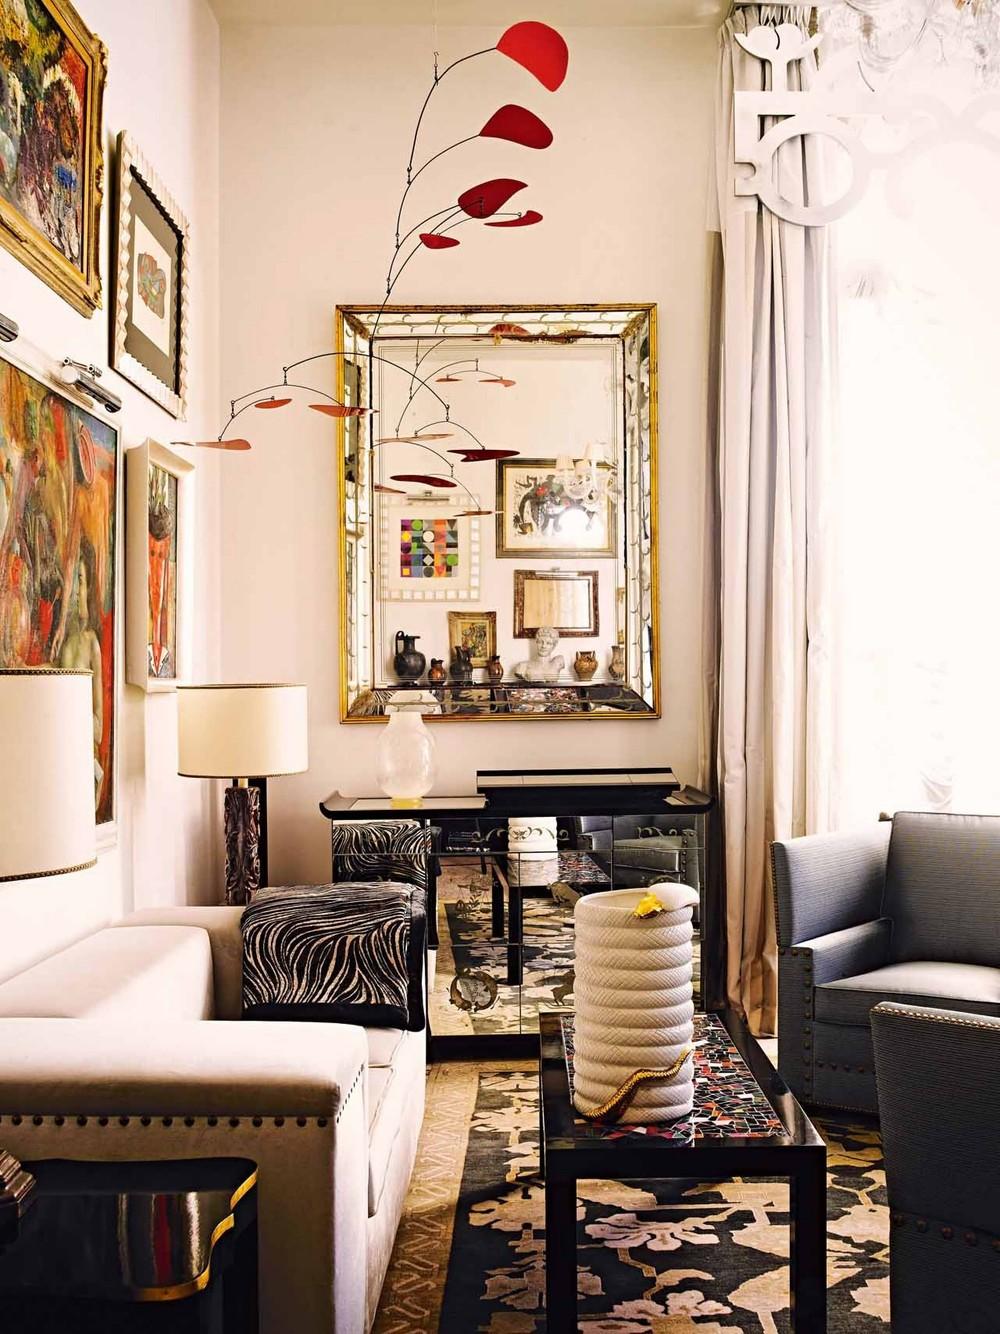 Colgante móvil estilo Calder acoplado en decoración en salón.